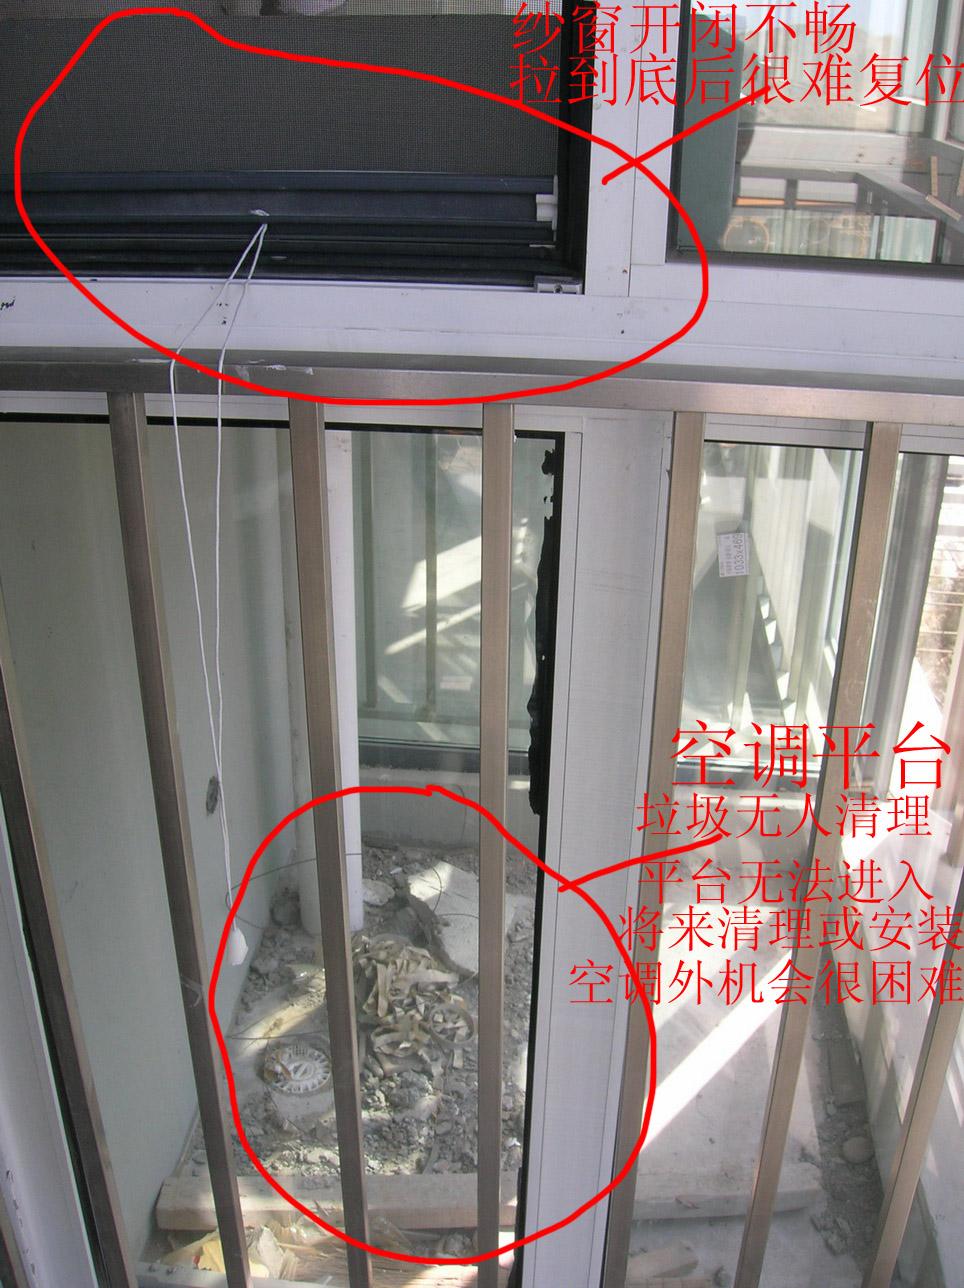 空调外机平台_扬扬子的相册_搜房相册_搜房网; 扬扬子的相册;